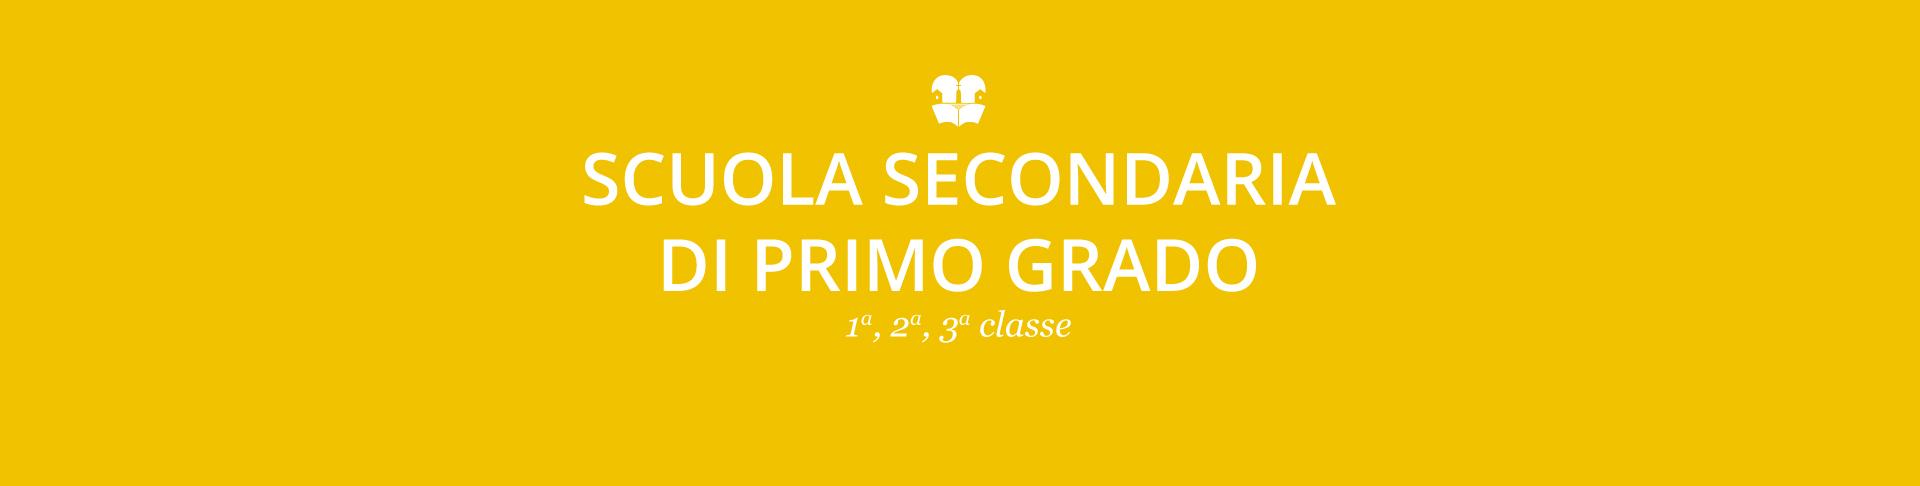 secondaria1